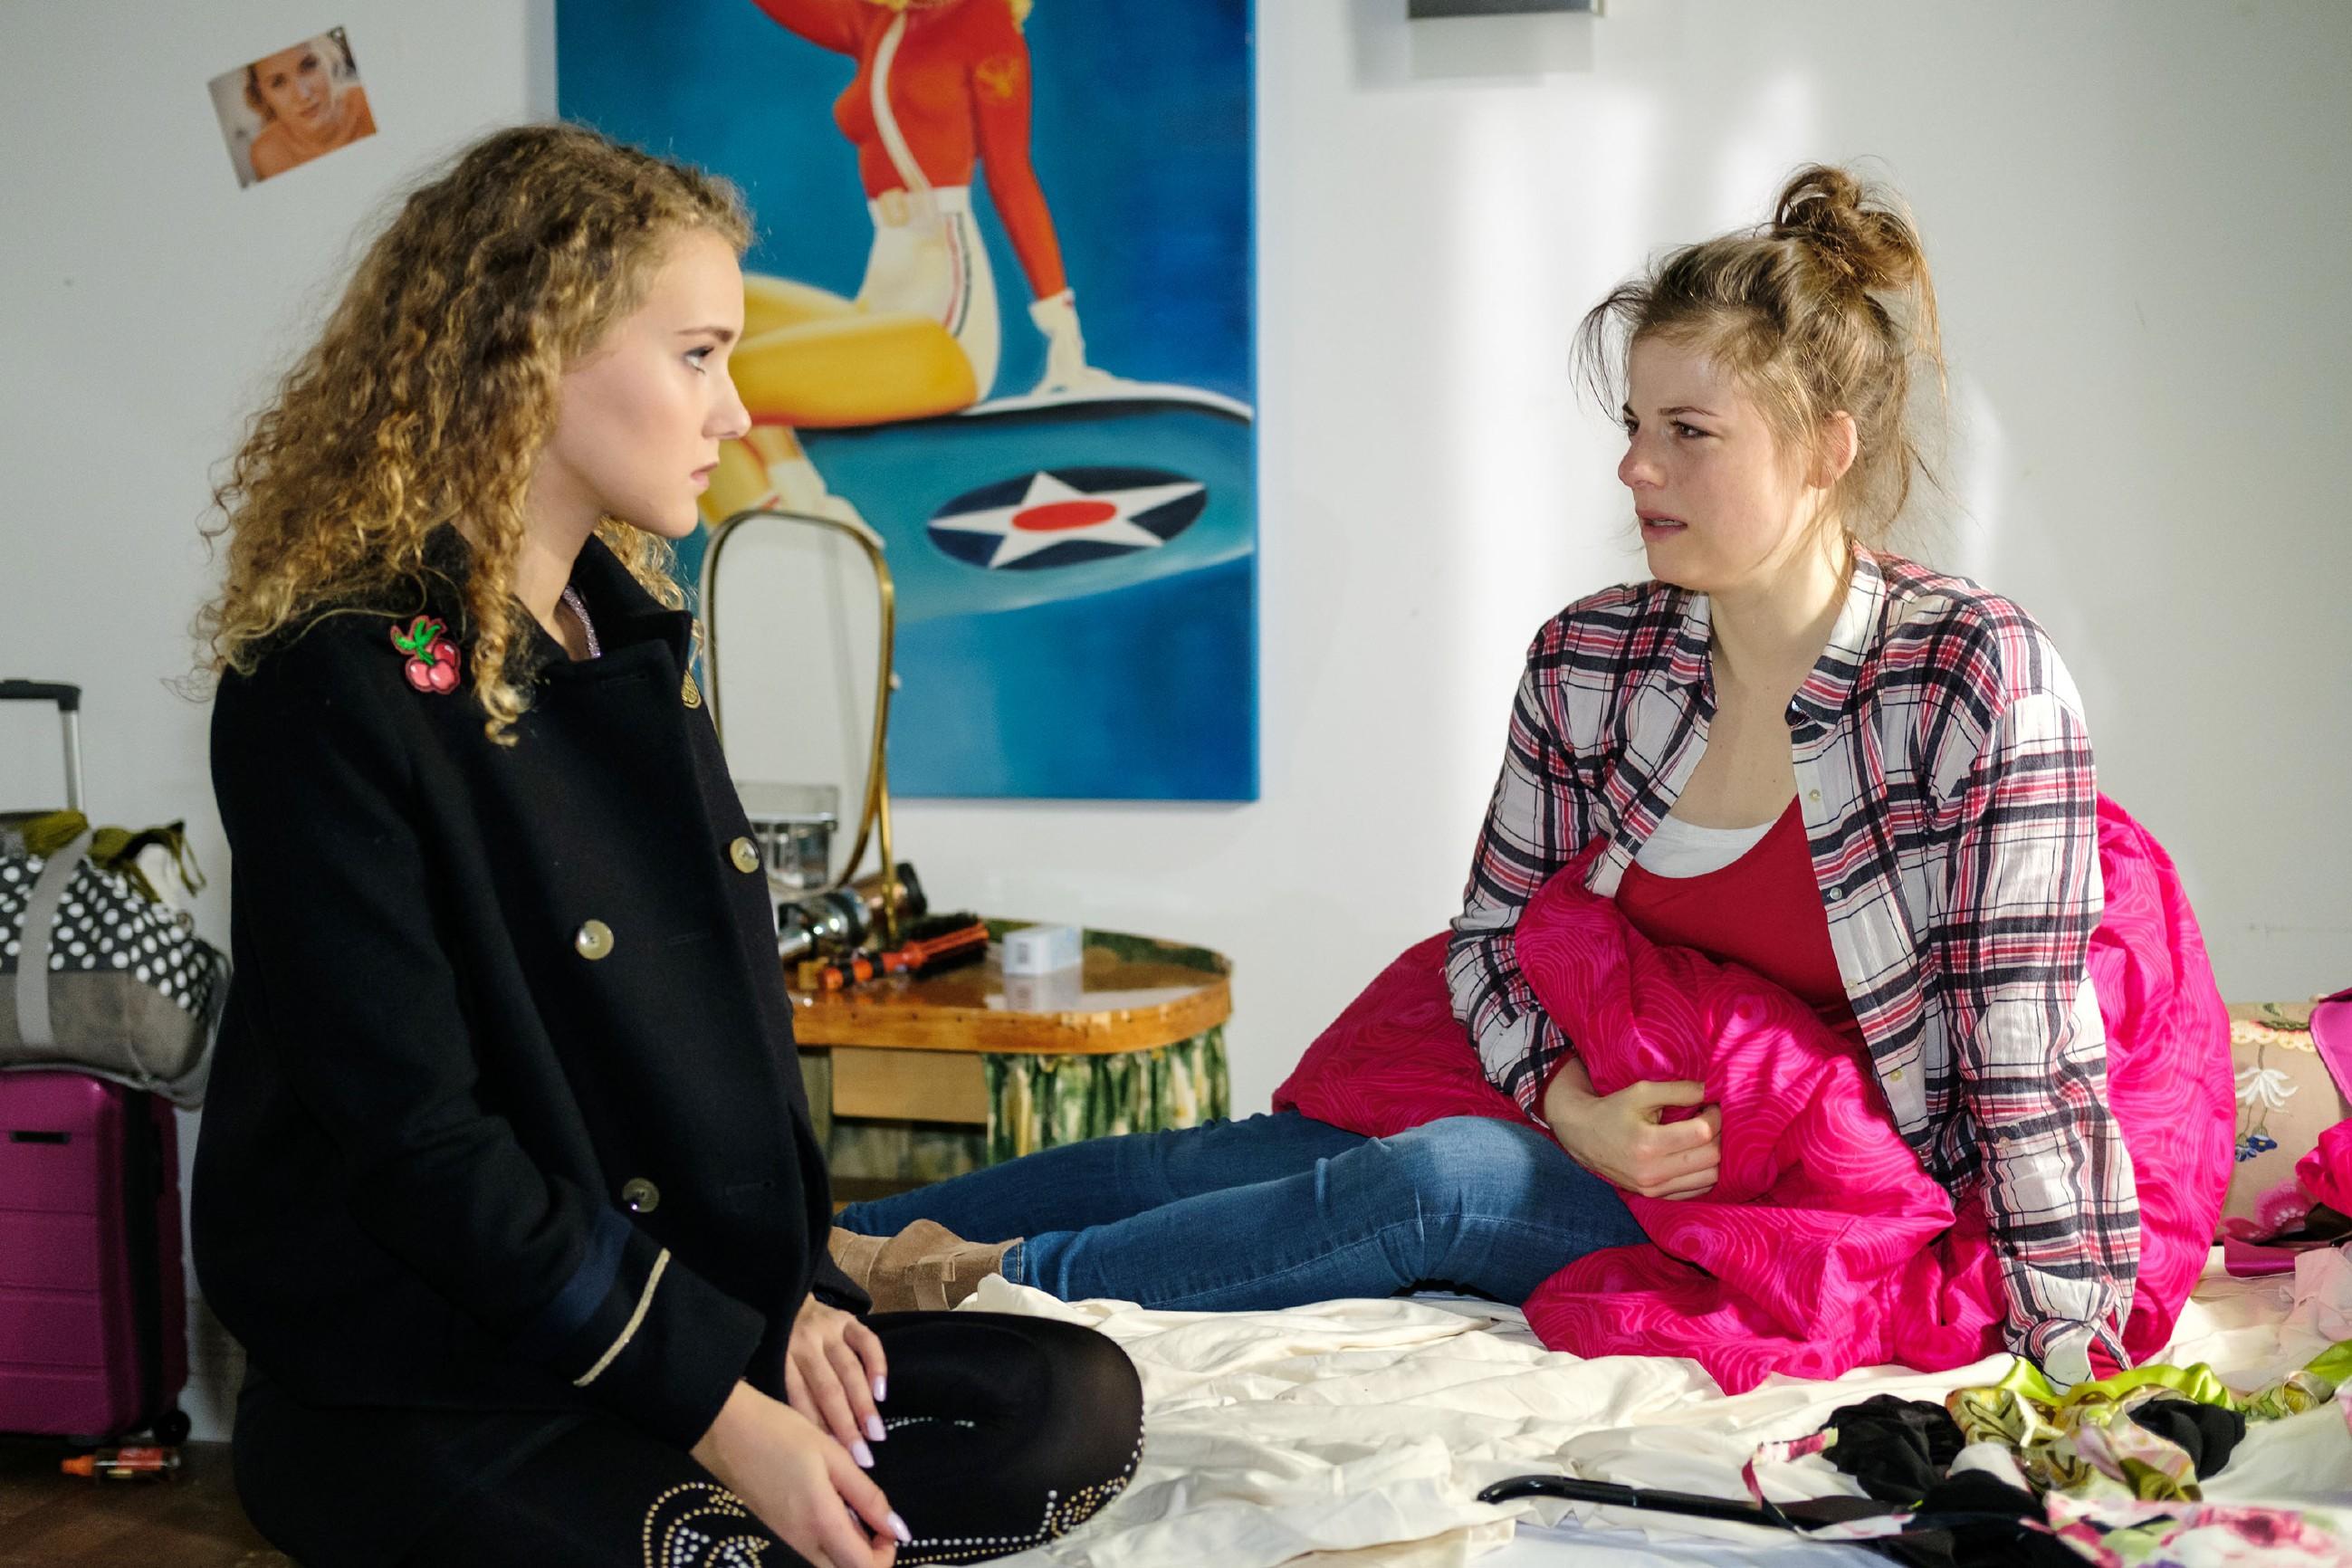 KayCs (Pauline Angert, l.) Versuch, Elli (Nora Koppen) von der Bedeutungslosigkeit des Ausrutschers mit Paco zu überzeugen, scheitert. (Quelle: RTL / Stefan Behrens)